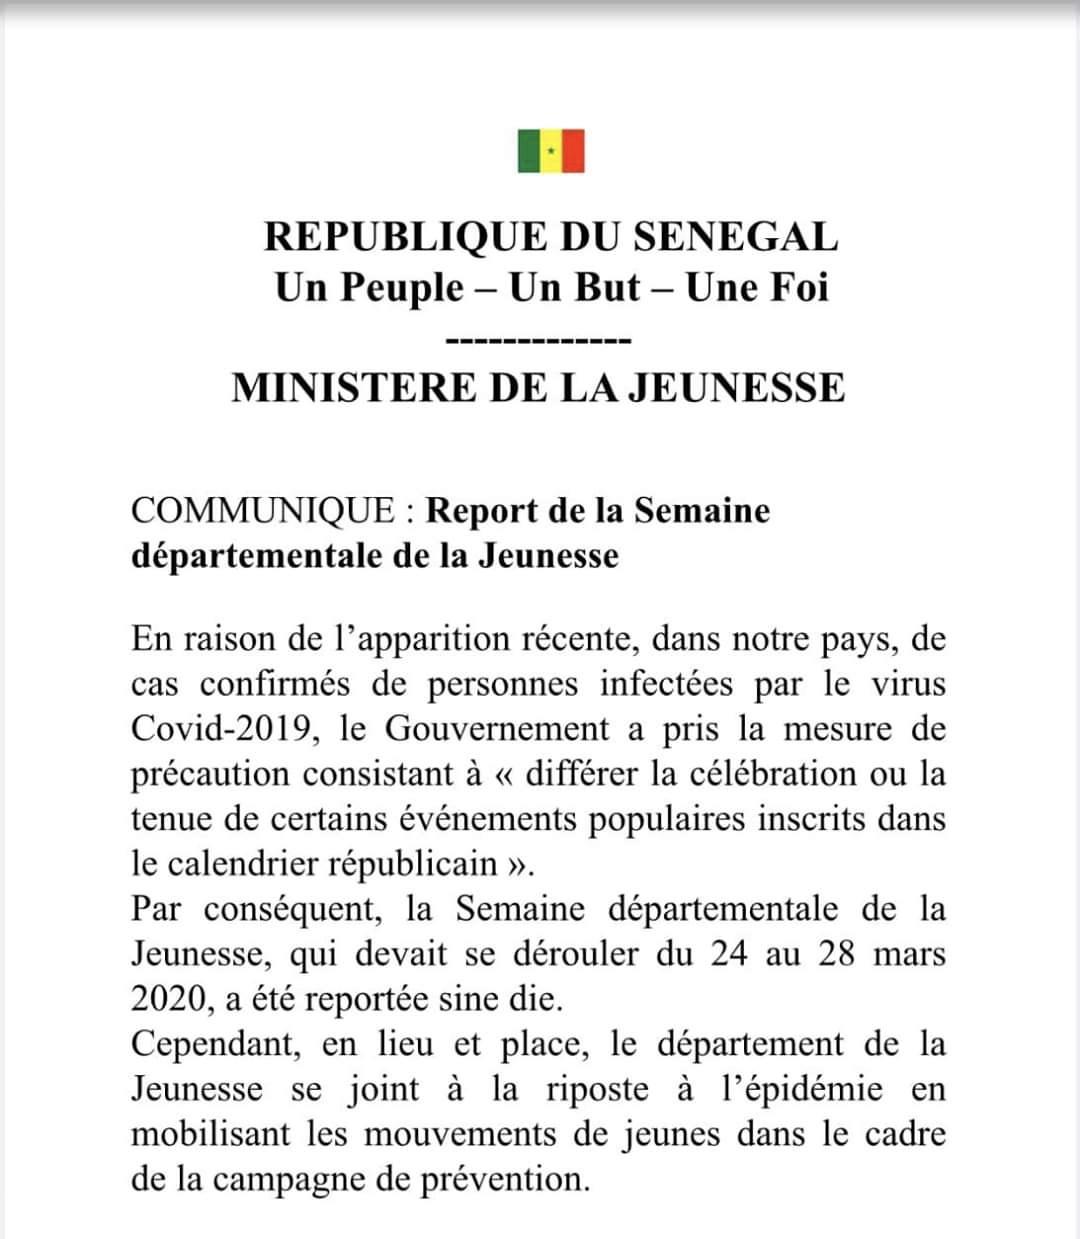 Le ministre de la Jeunesse reporte la «Semaine départementale» qui était prévue du 24 au 28 mars